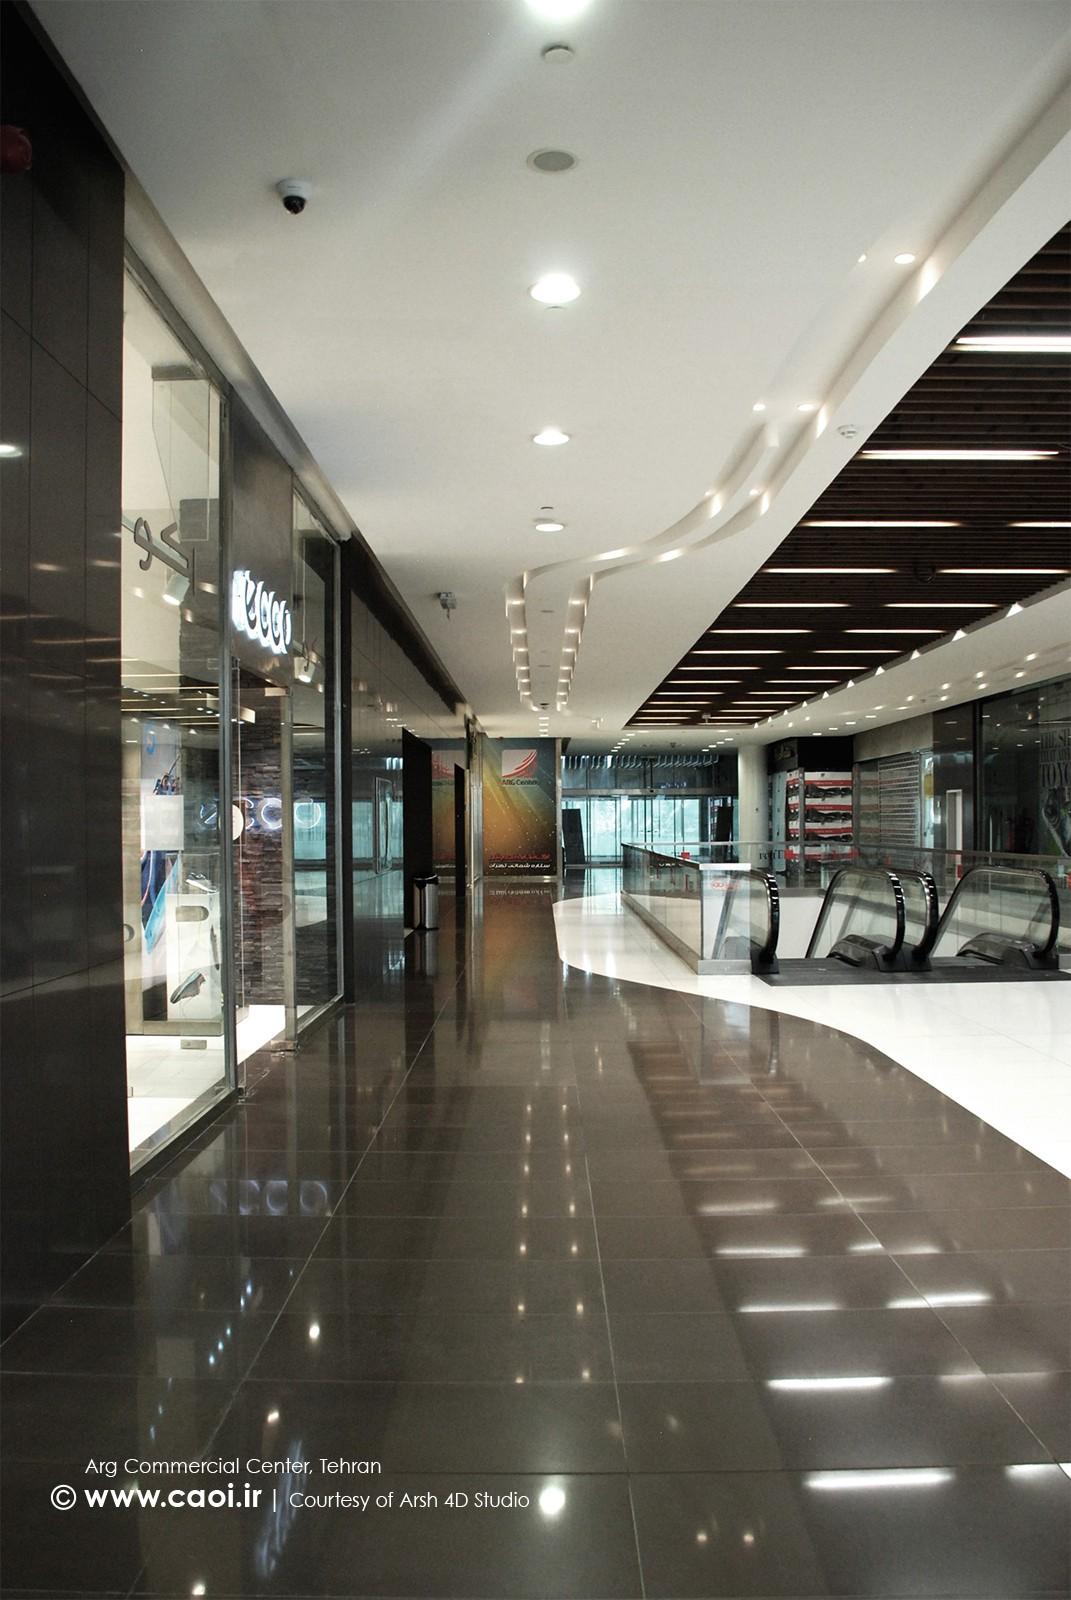 طراحی داخلی مجتمع تجاری ارگ در تجریش تهران